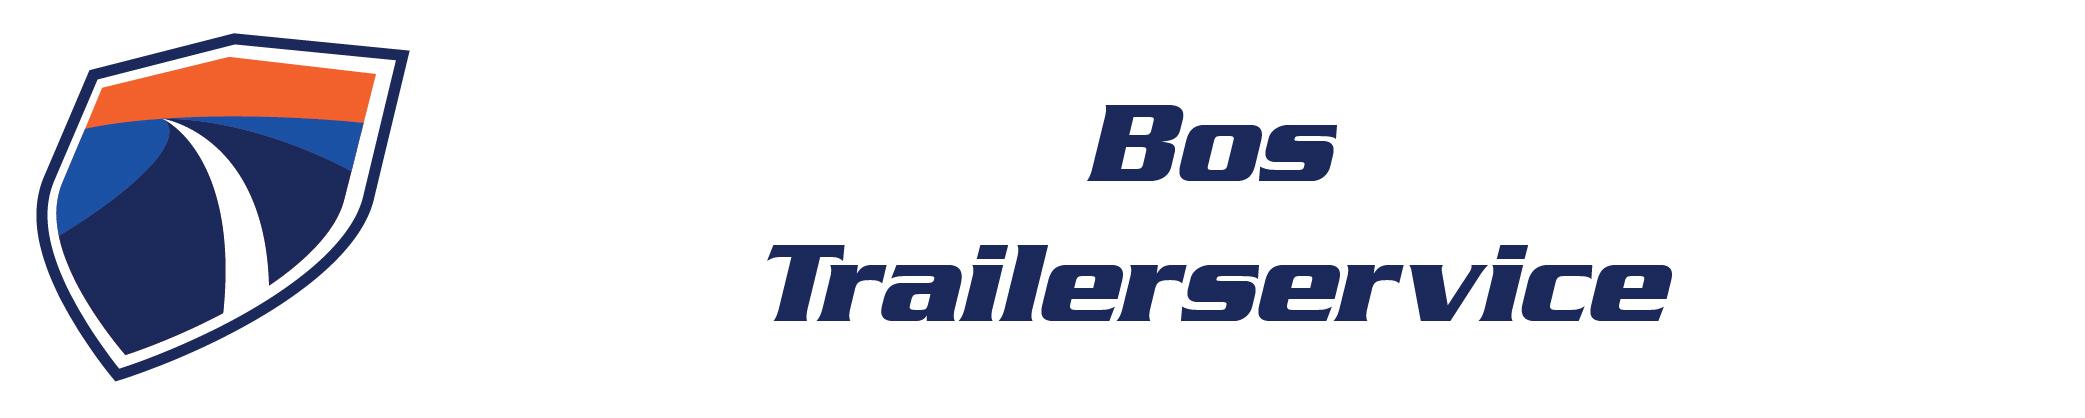 bos-trailer-service